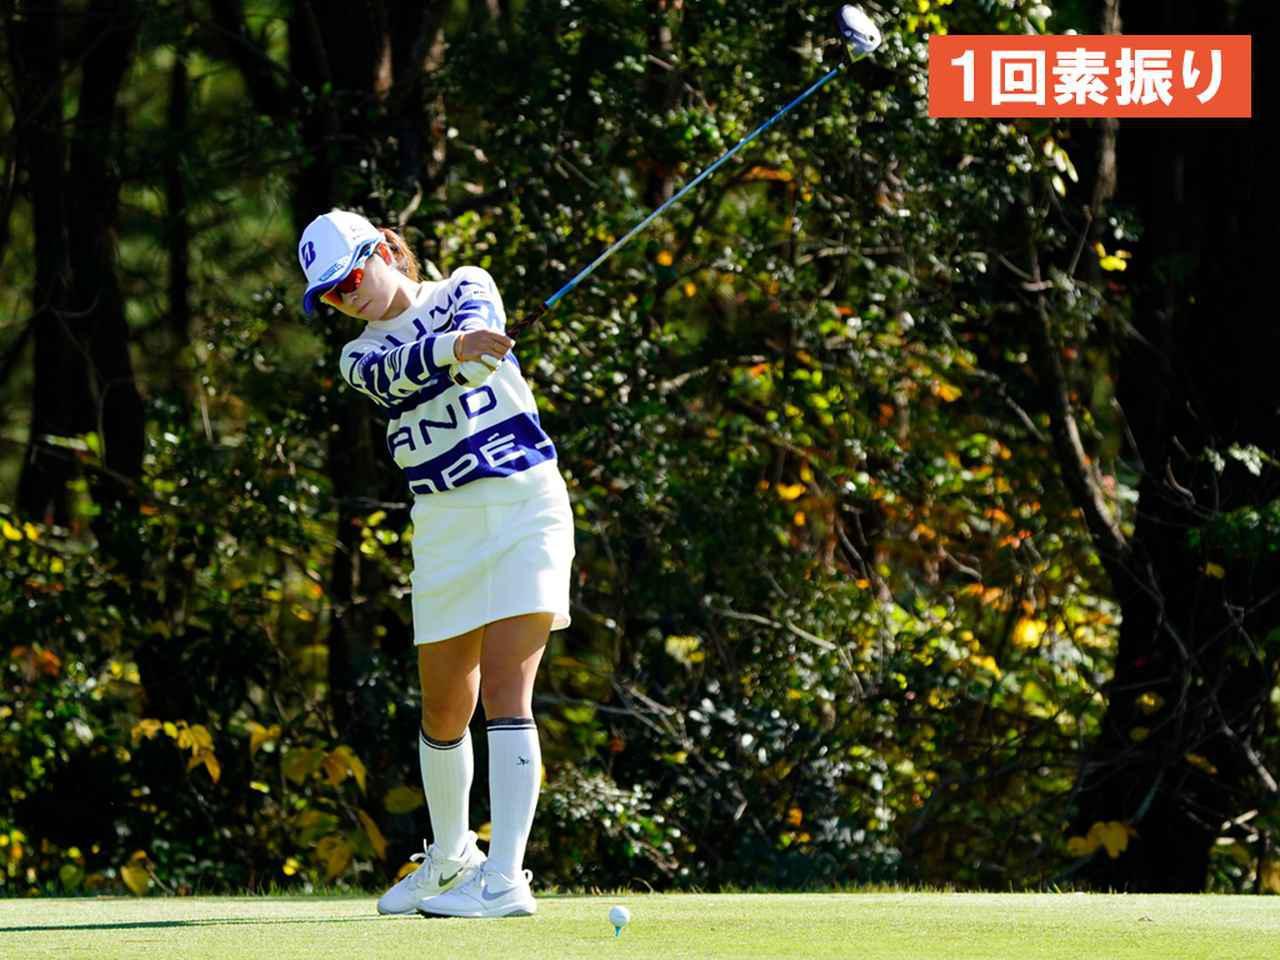 """画像11: 【プレショットルーティン調査】女子プロゴルファー上位32人をチェック! 2タイプに分かれた""""アドレスの入り方"""""""